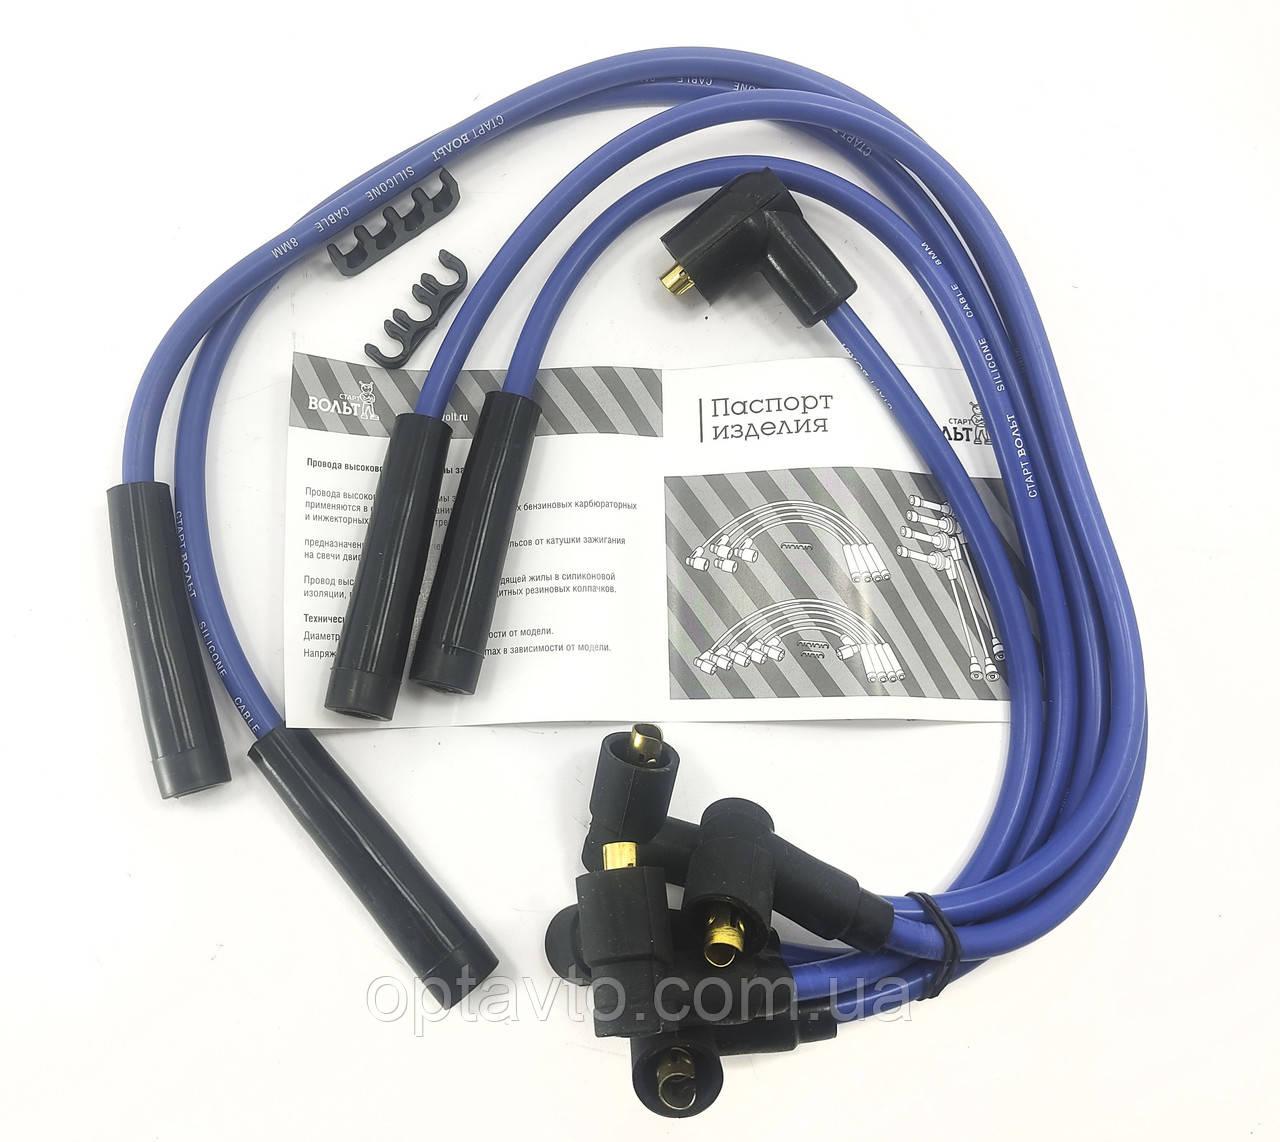 Провода свечные ВАЗ 2108, 2109, 21099 провода зажигания, высоковольтные. Старт Вольт